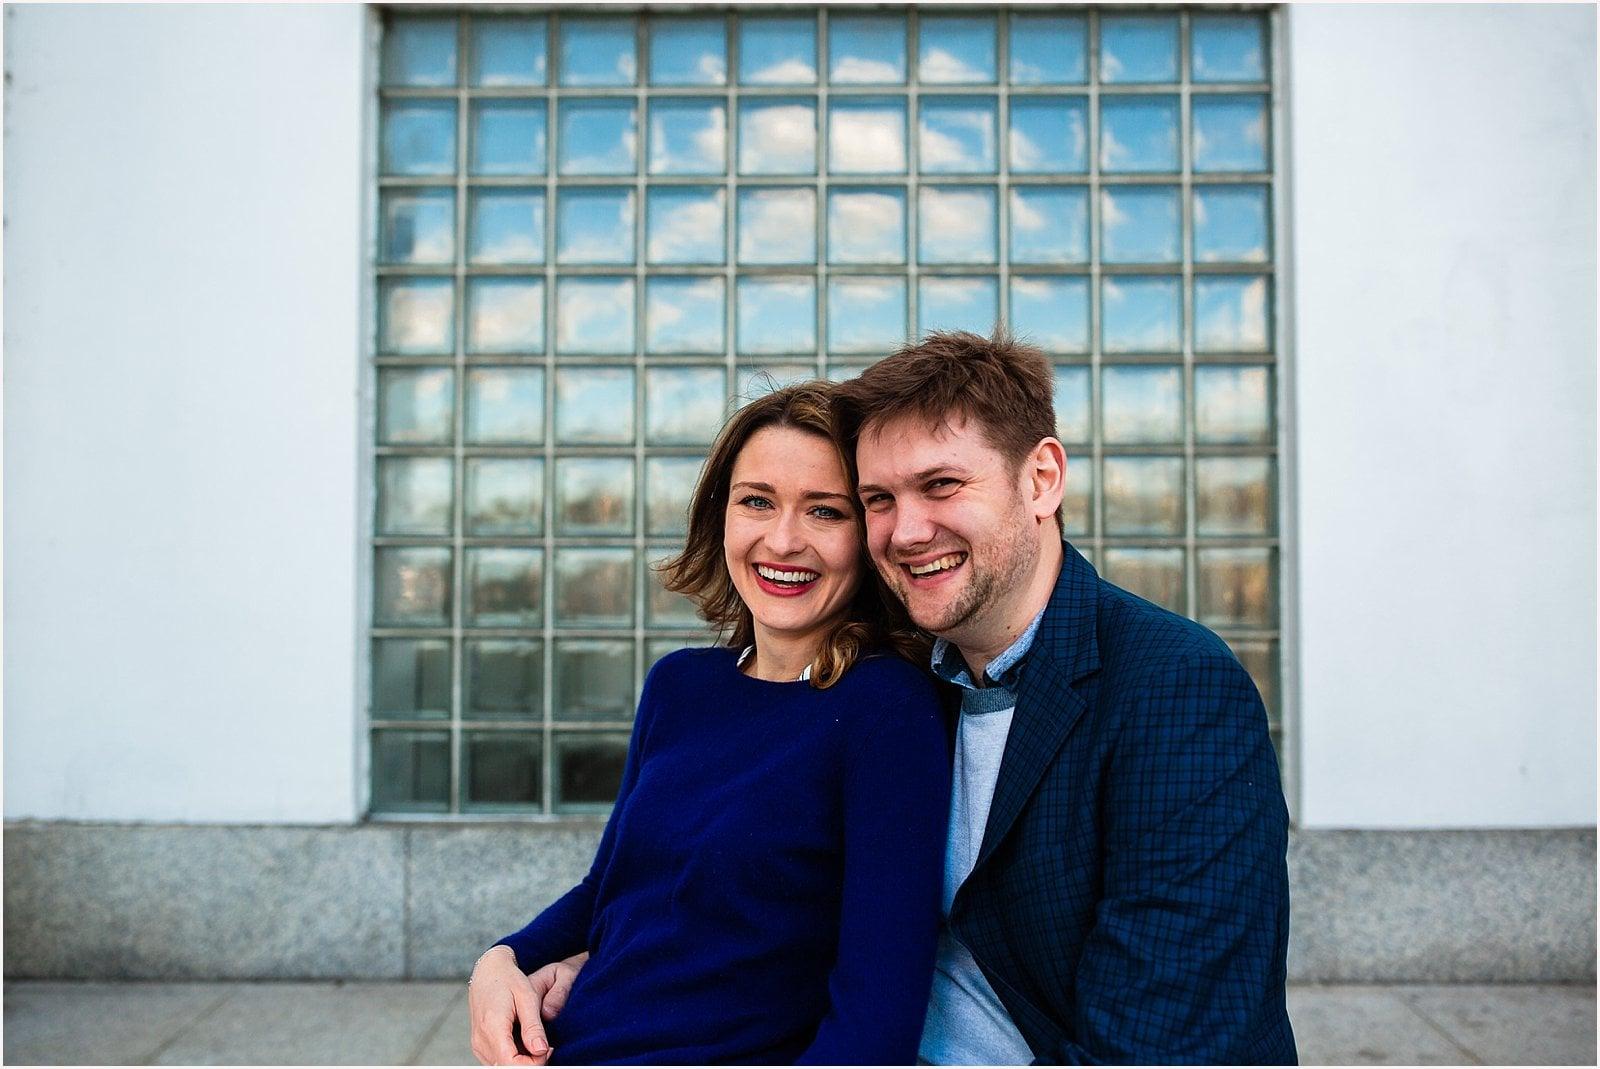 Stunning London Engagement Photos - Ksenia & Iain 4